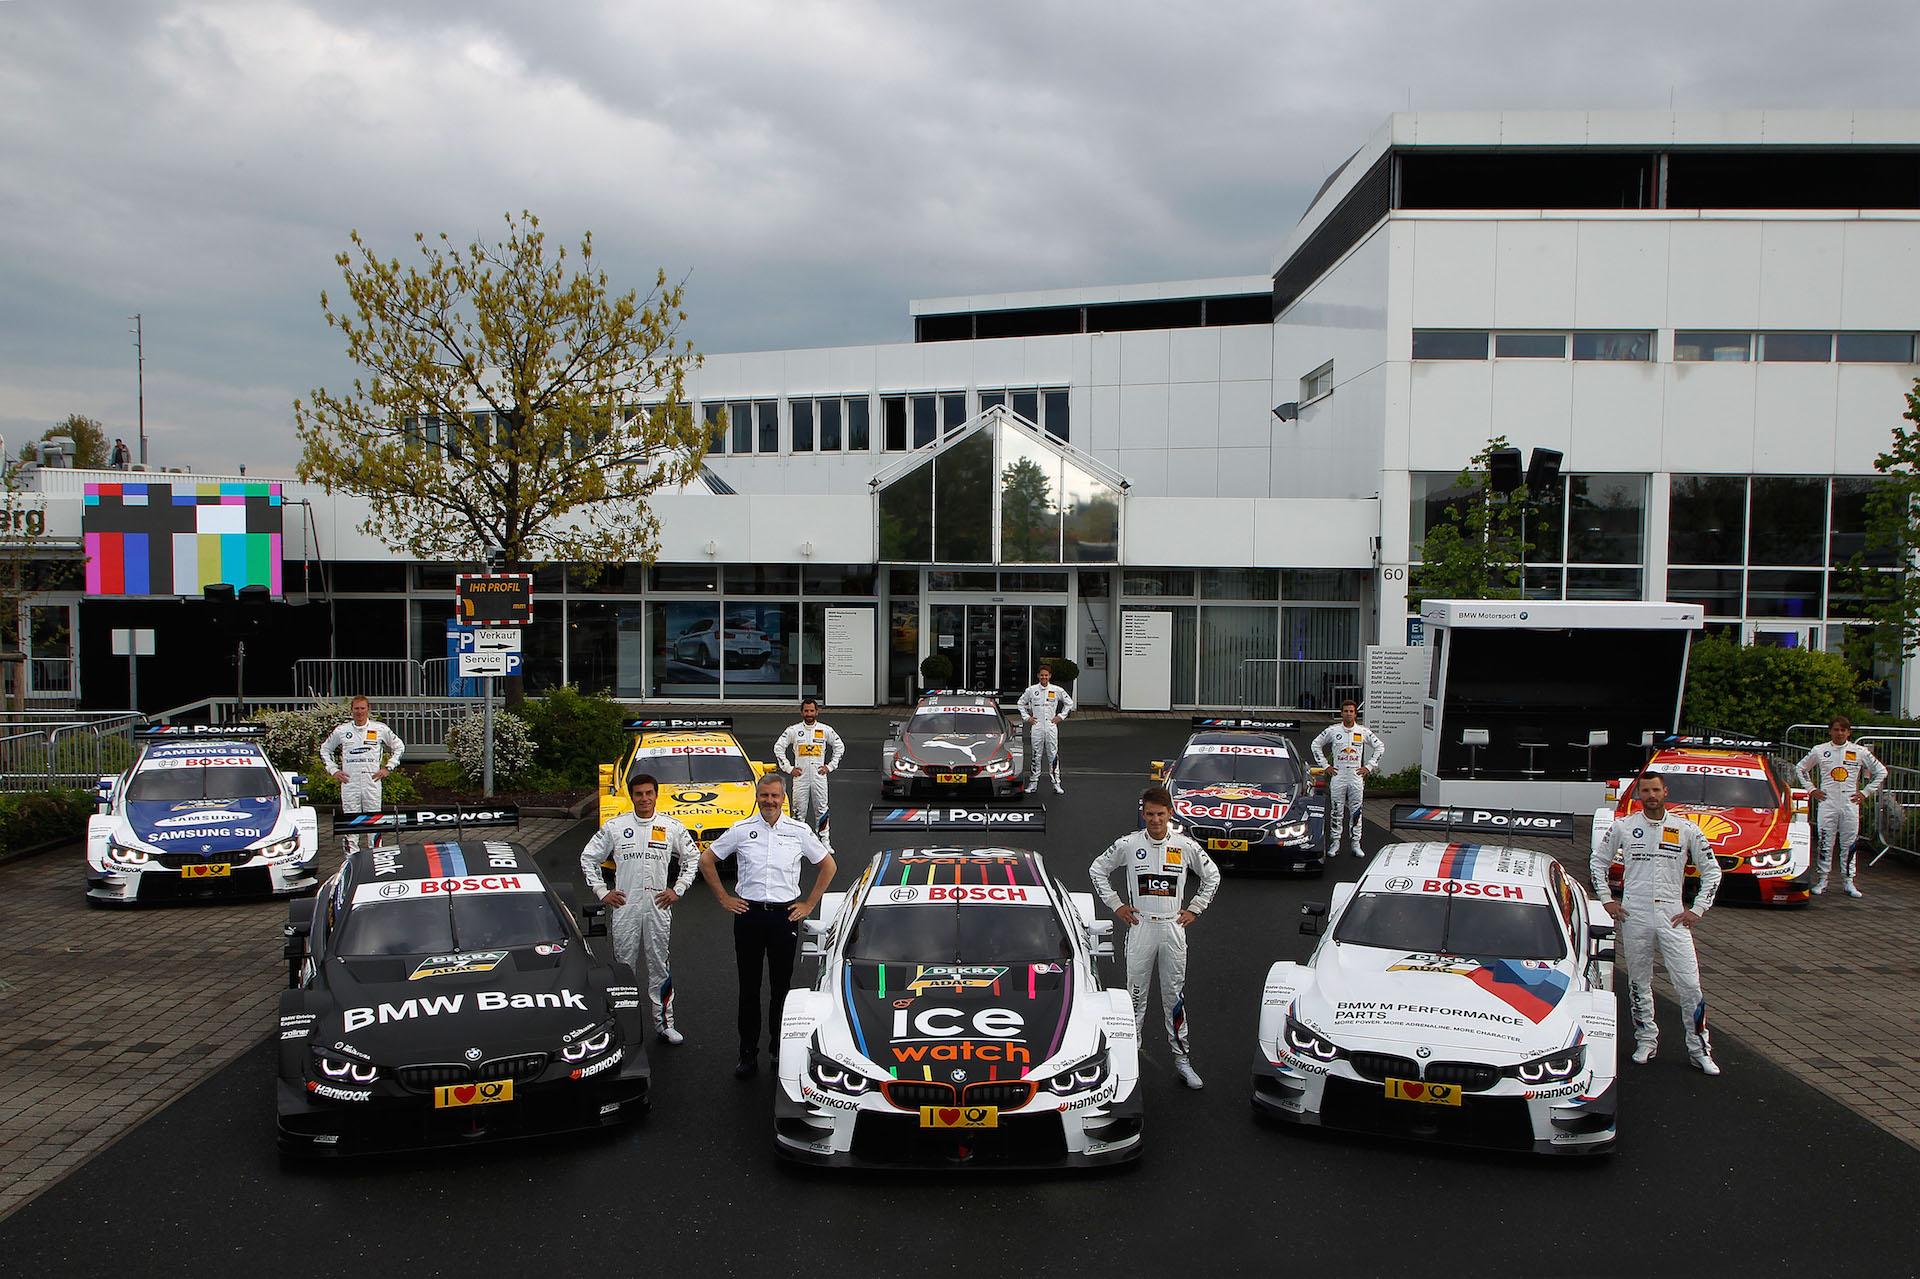 2015 M4 DTM lineup presented at BMW Dealership Nürnberg